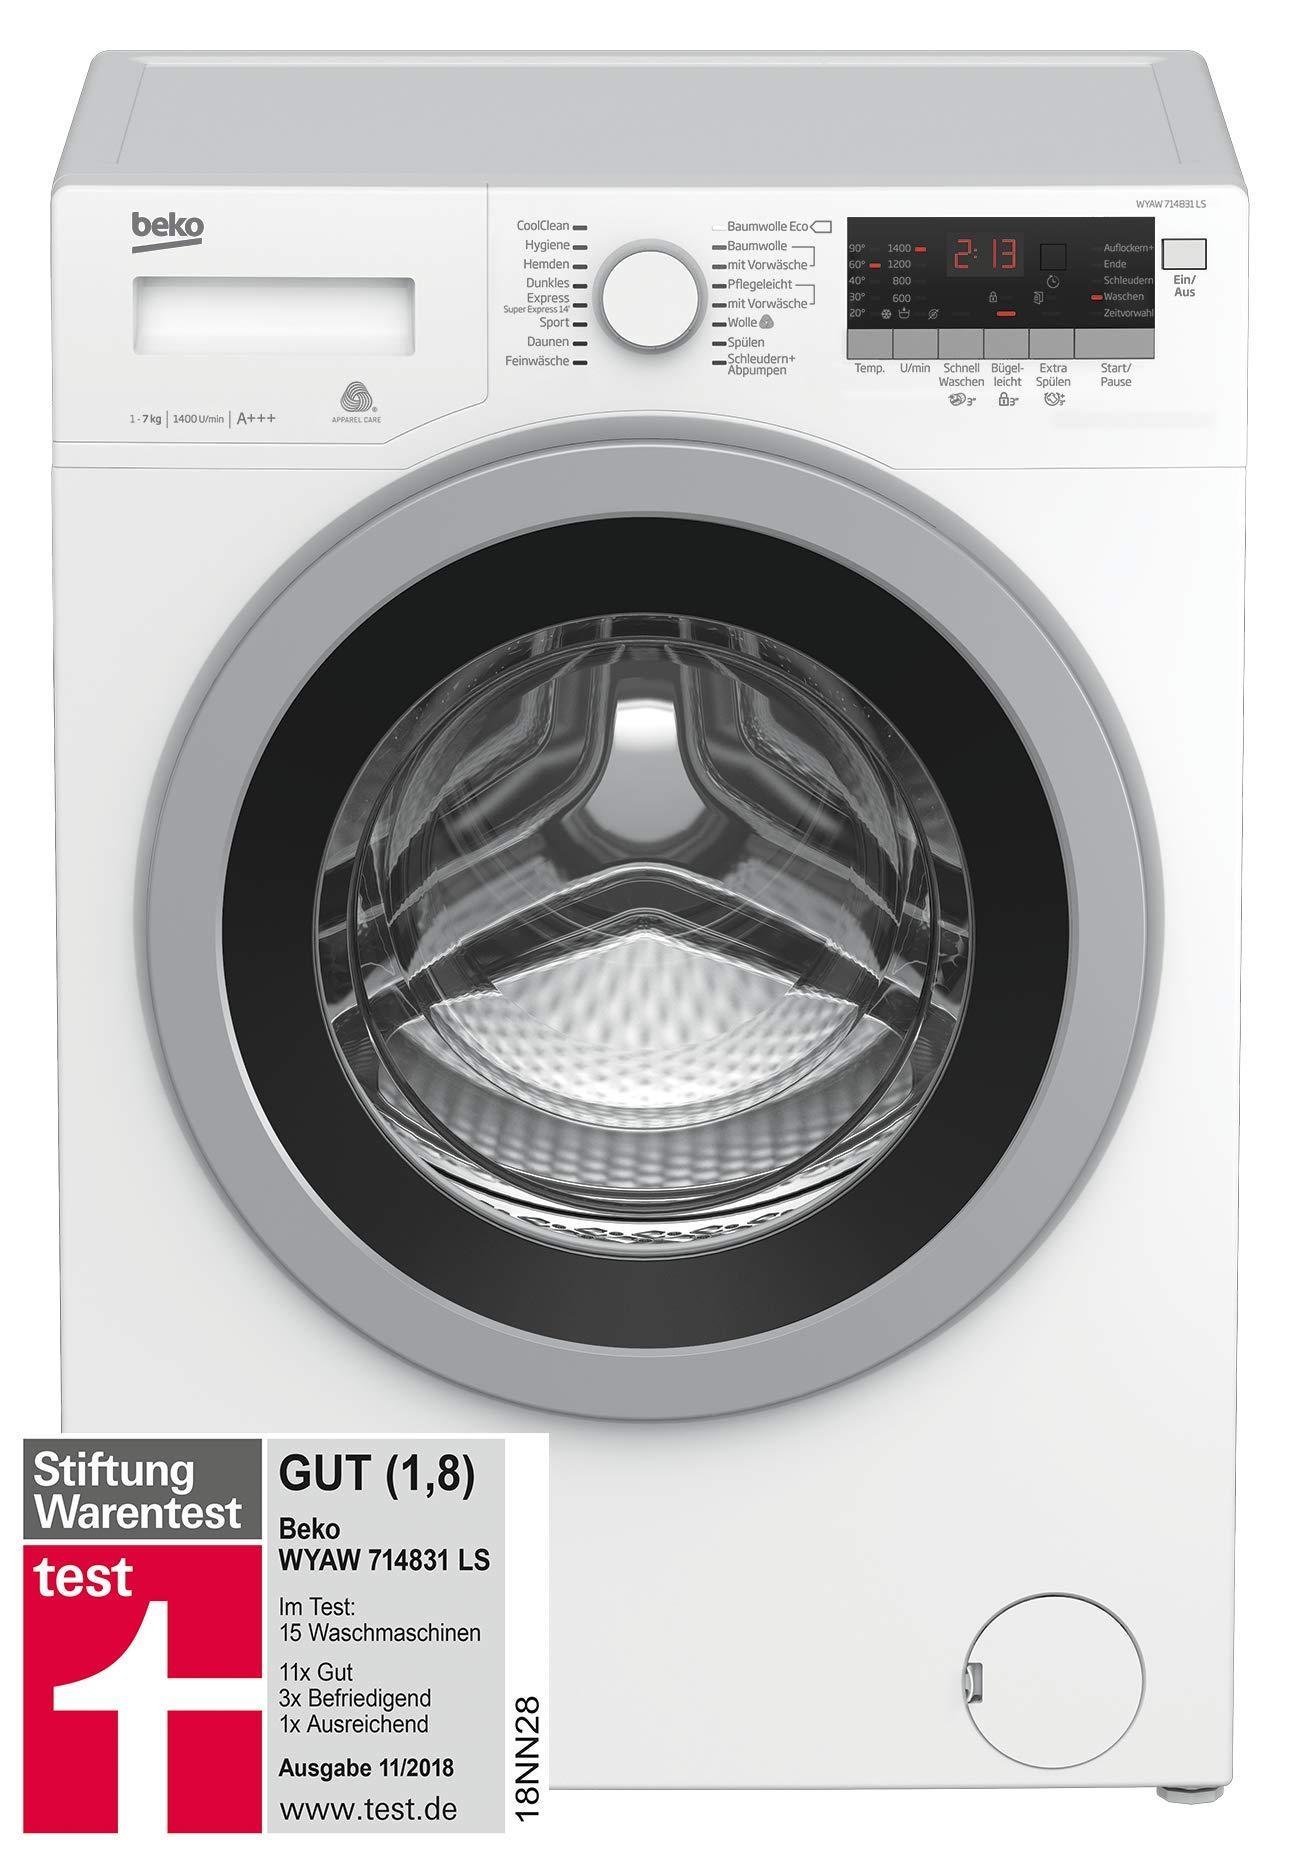 Beko WYAW 714831 LS Waschmaschine Frontlader, Selbstreinigung, Watersafe+, Mengenautomatik